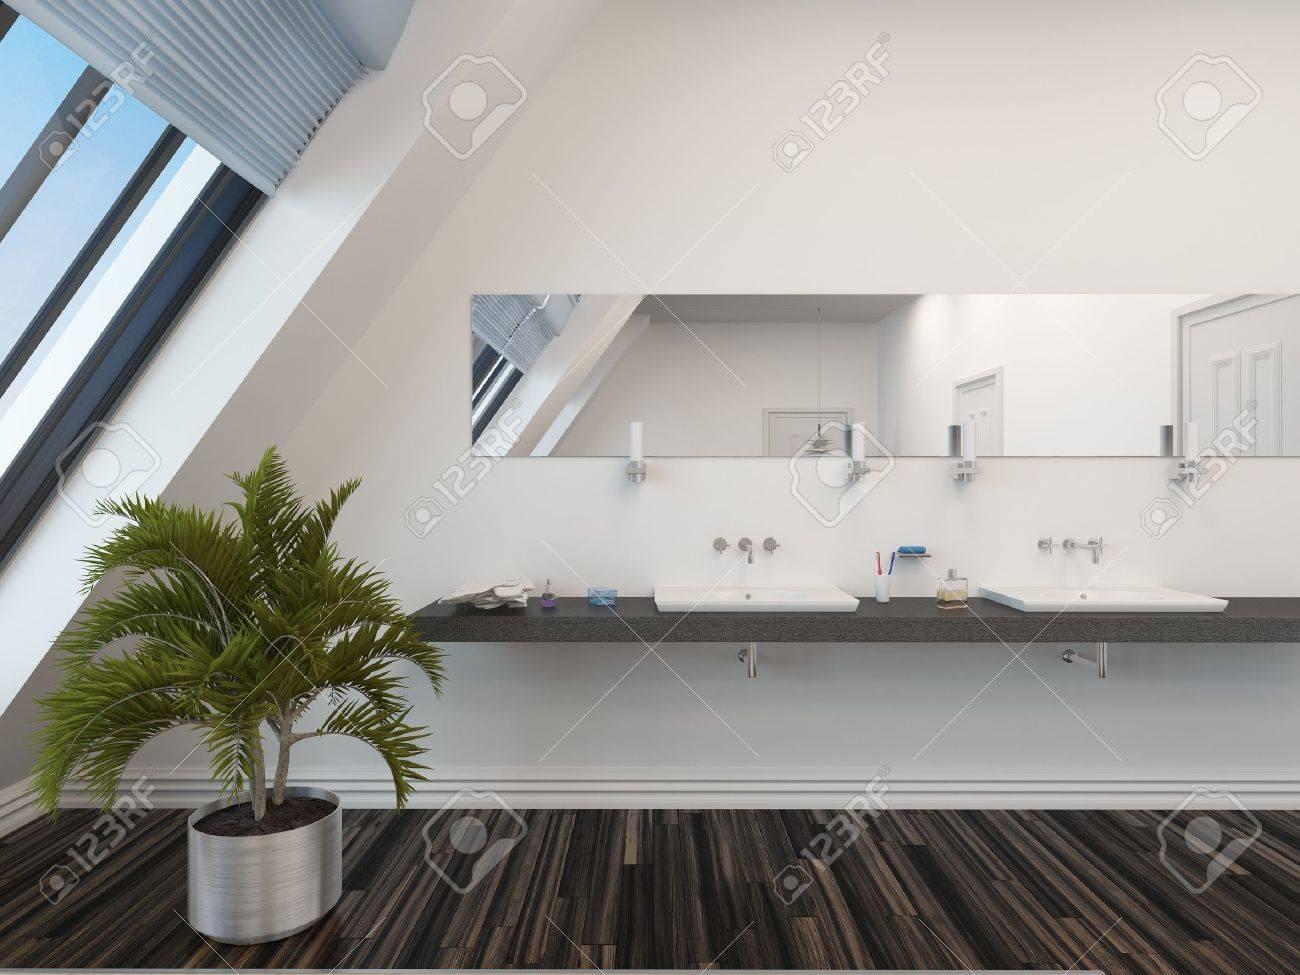 Salle de bains moderne avec une double vasque ci-dessous un long miroir  horizontal, mur blanc, fenêtres en pente et un palmier en pot sur un parquet